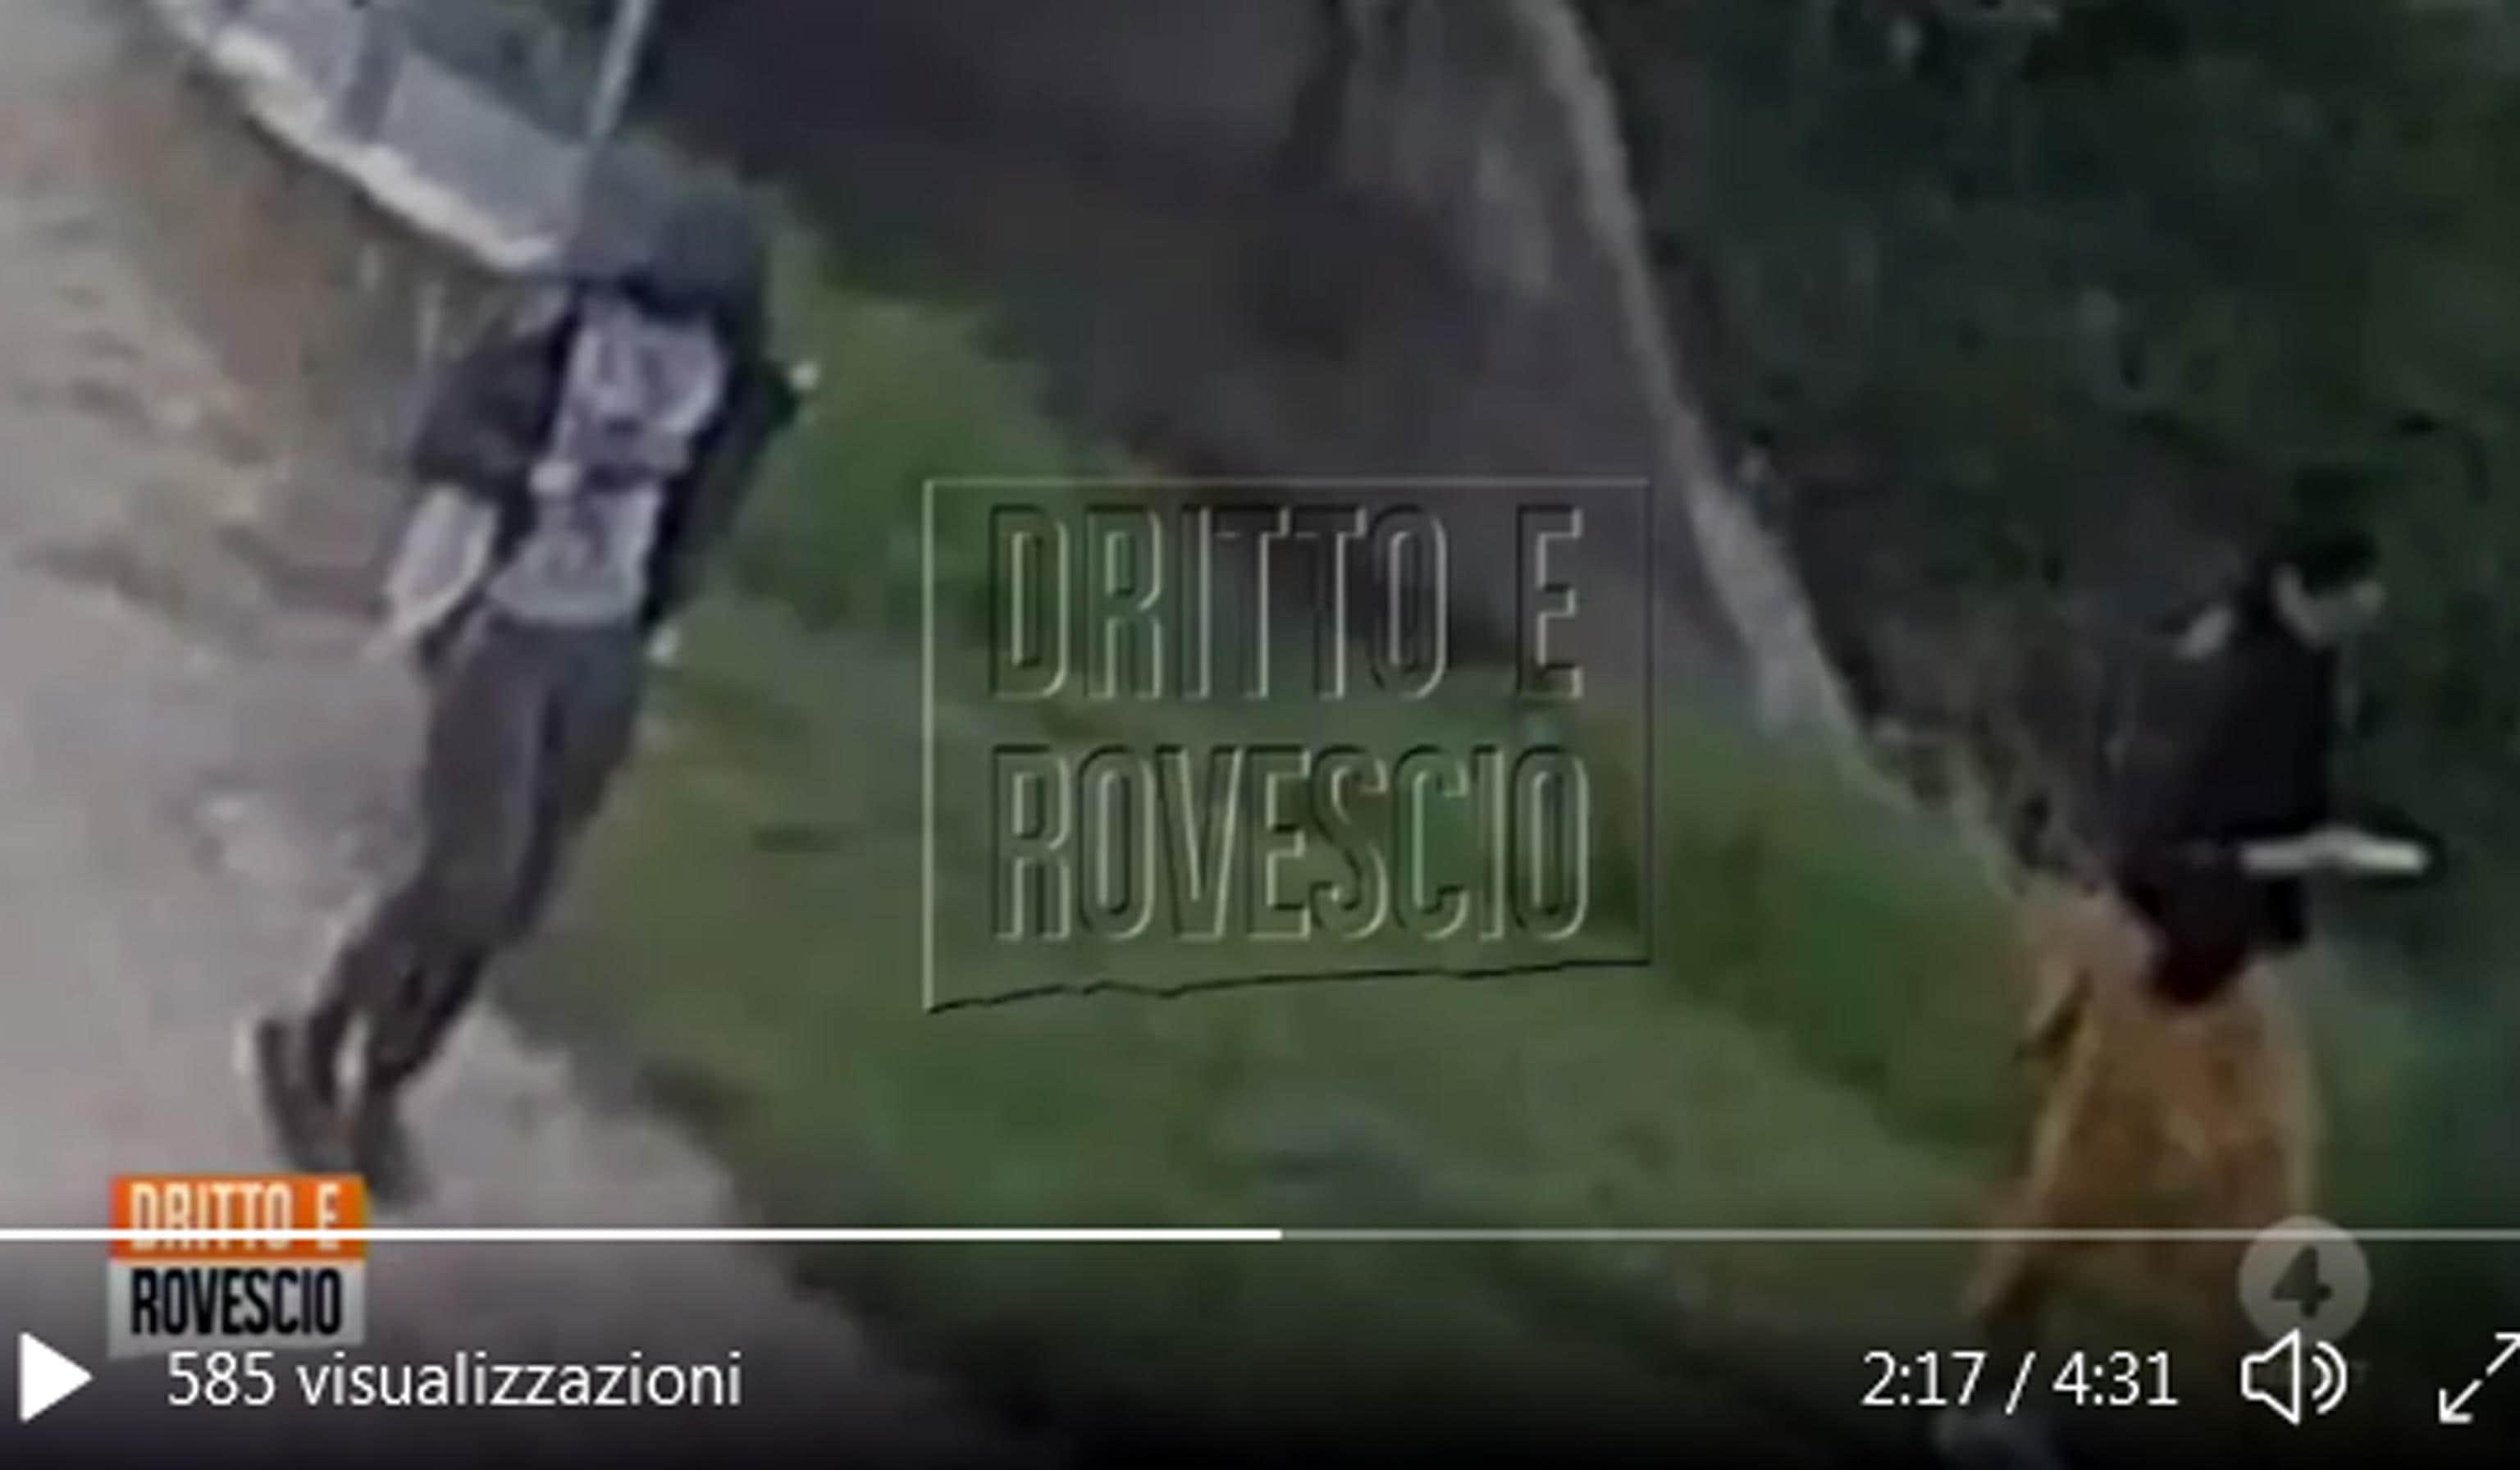 """Un'immagine di Saman Abbas viva, che cammina insieme al fratello il 29 aprile scorso, il giorno prima della scomparsa: la sequenza, probabilmente di una telecamera di sorveglianza a Novellara (Reggio Emilia), è stata mostrata ieri sera, 10 giugno 2021, nel corso della puntata, di """"Dritto e Rovescio"""" su Rete 4. ANSA/ FERMO IMMAGINE RETE 4 +++ ANSA PROVIDES ACCESS TO THIS HANDOUT PHOTO TO BE USED SOLELY TO ILLUSTRATE NEWS REPORTING OR COMMENTARY ON THE FACTS OR EVENTS DEPICTED IN THIS IMAGE; NO ARCHIVING; NO TV: NO LICENSING +++"""